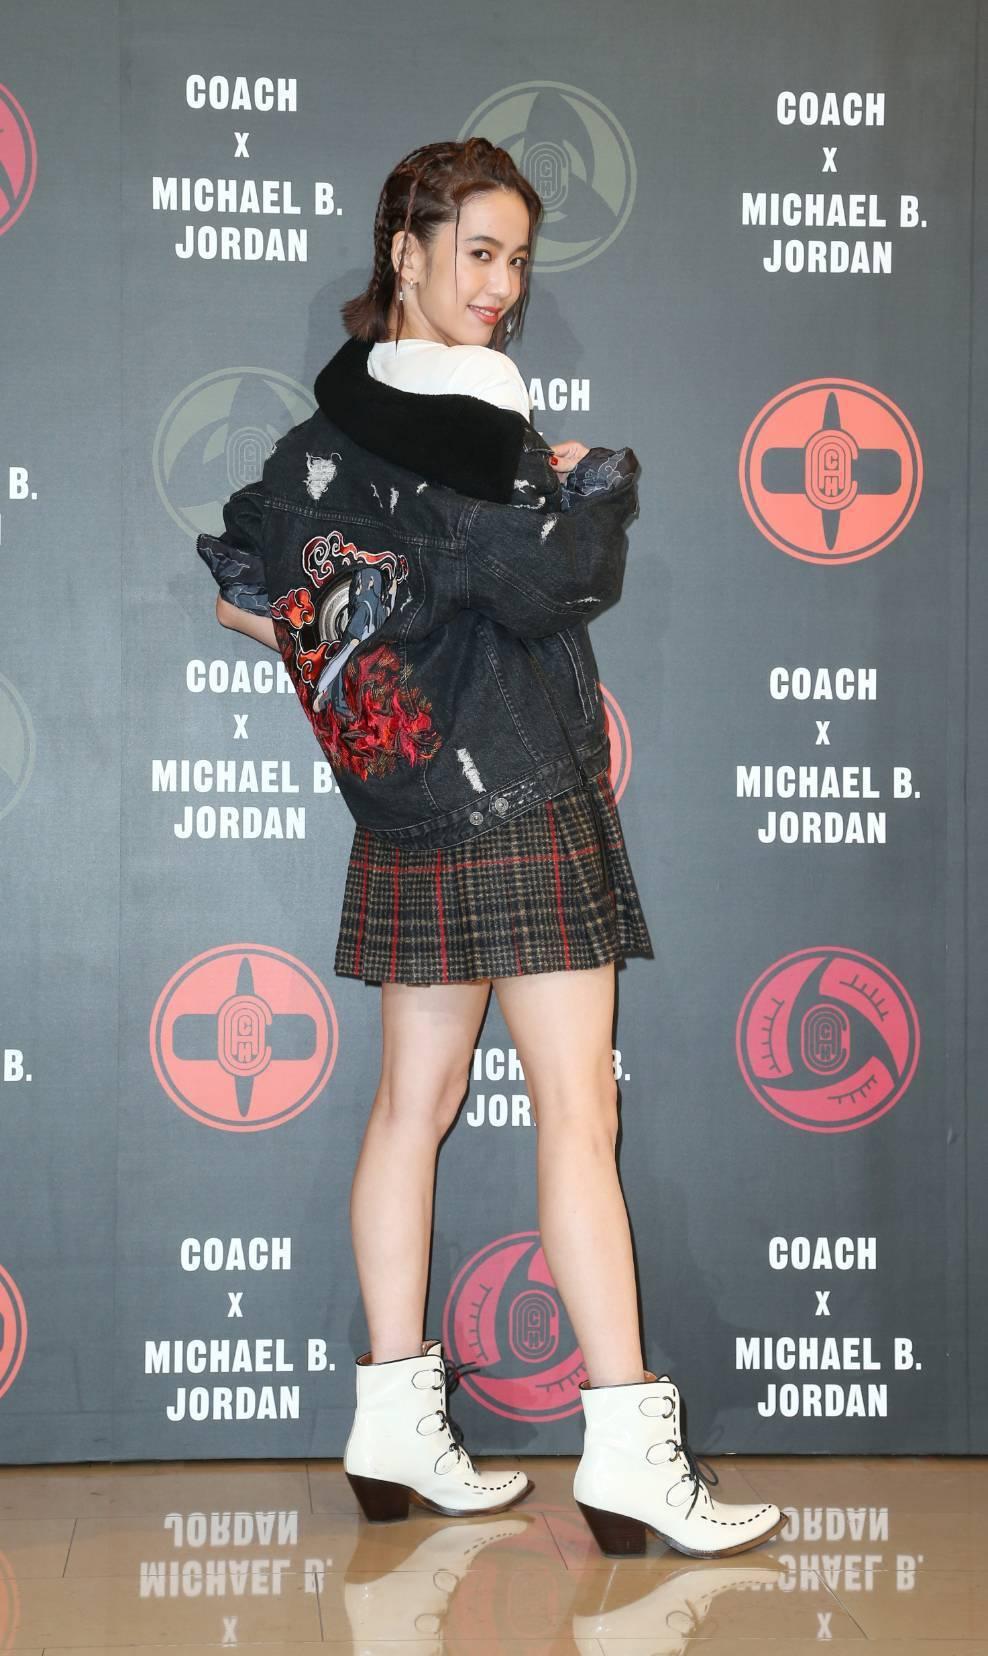 陳庭妮身穿COACH X MBJ黑色丹寧夾克32,800元,表示這是她最想入手的...